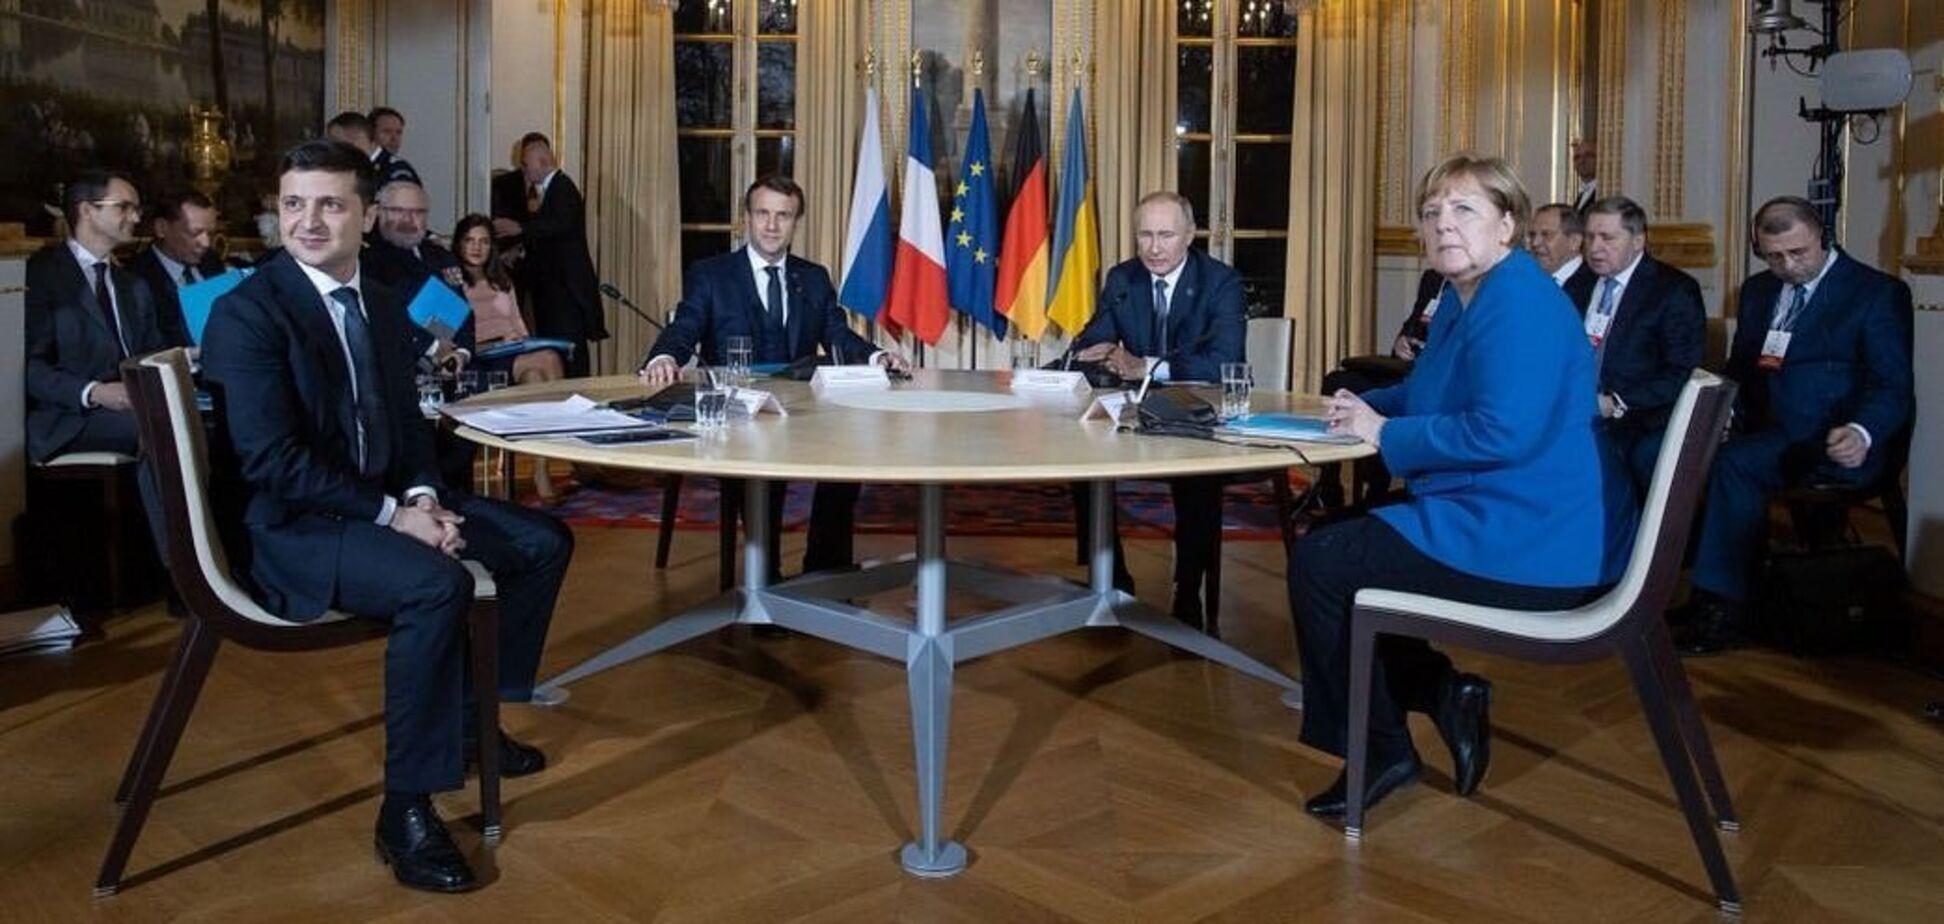 Зеленський опублікував фото з Путіним